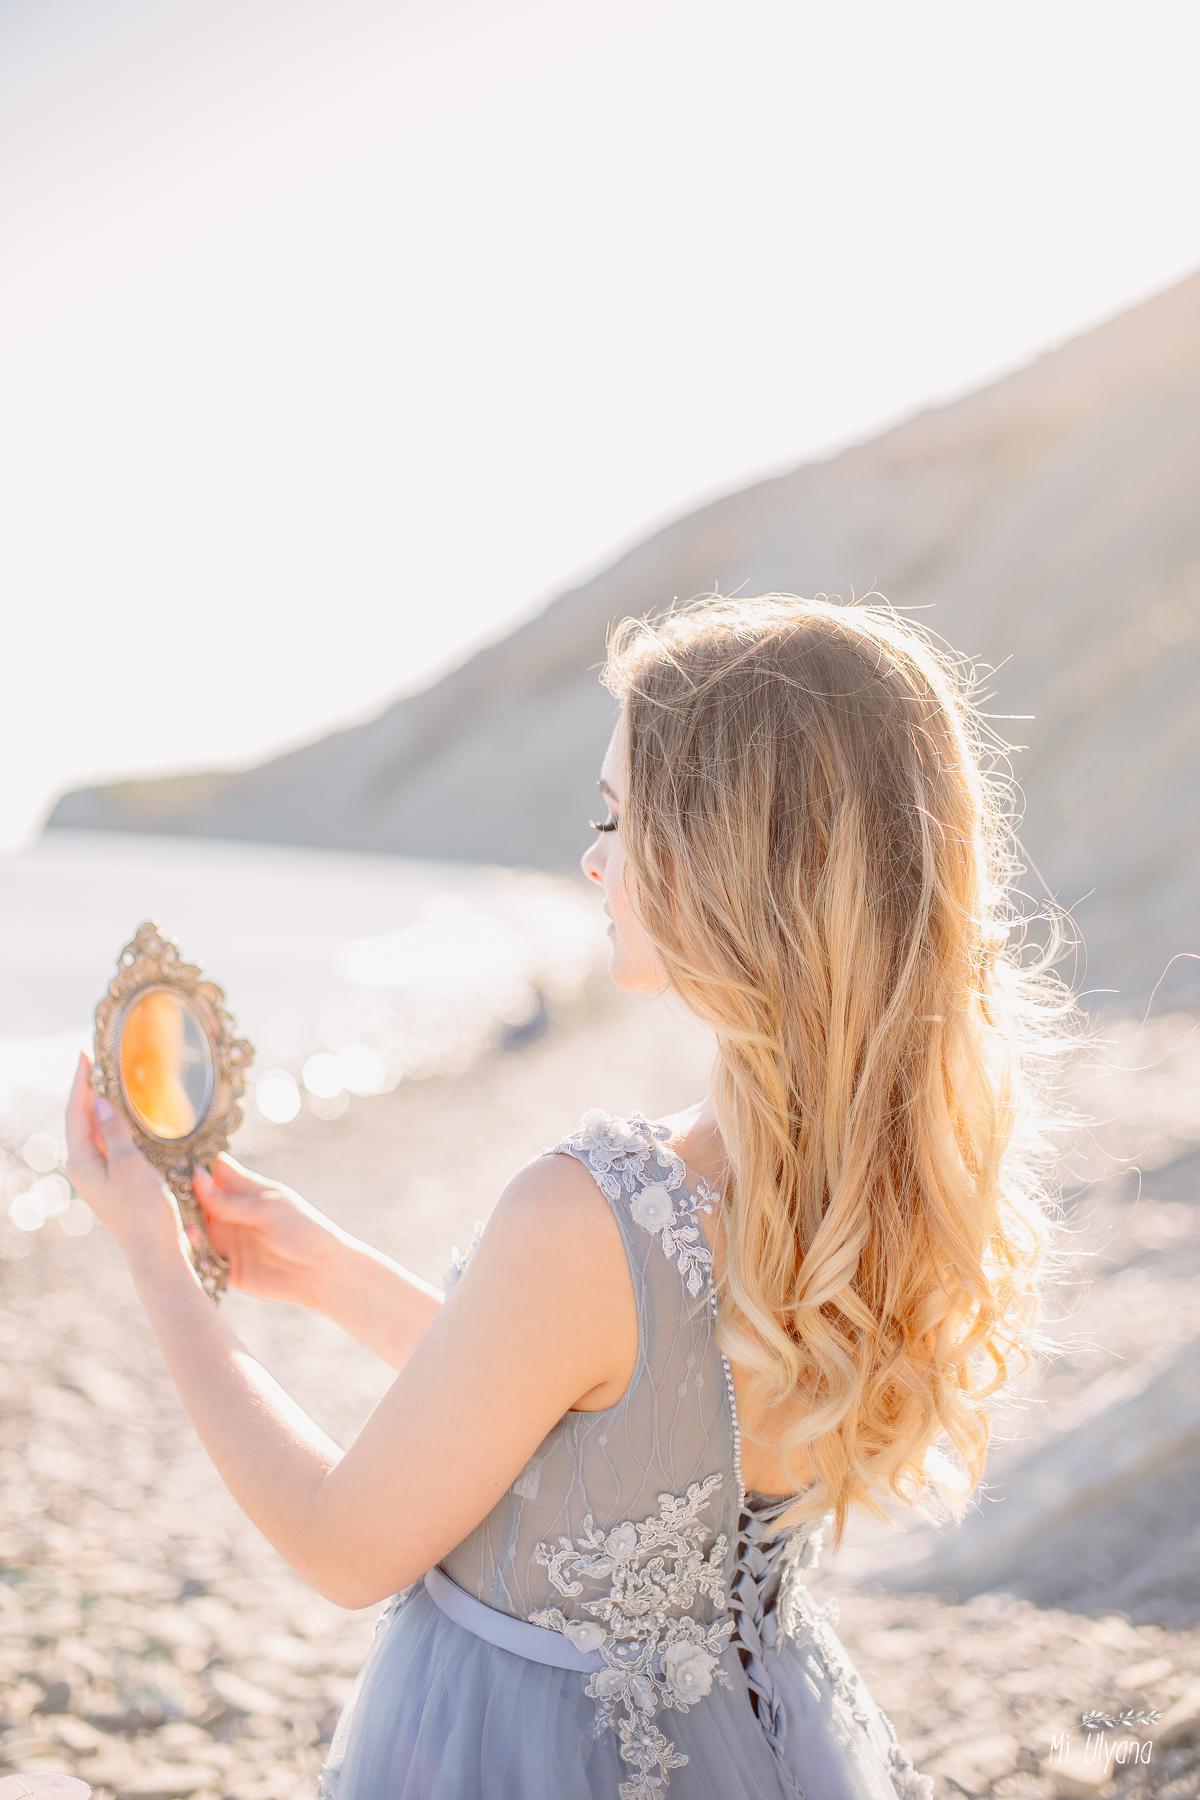 Морской бриз и солнечные блики / фотограф Ульяна Мизинова